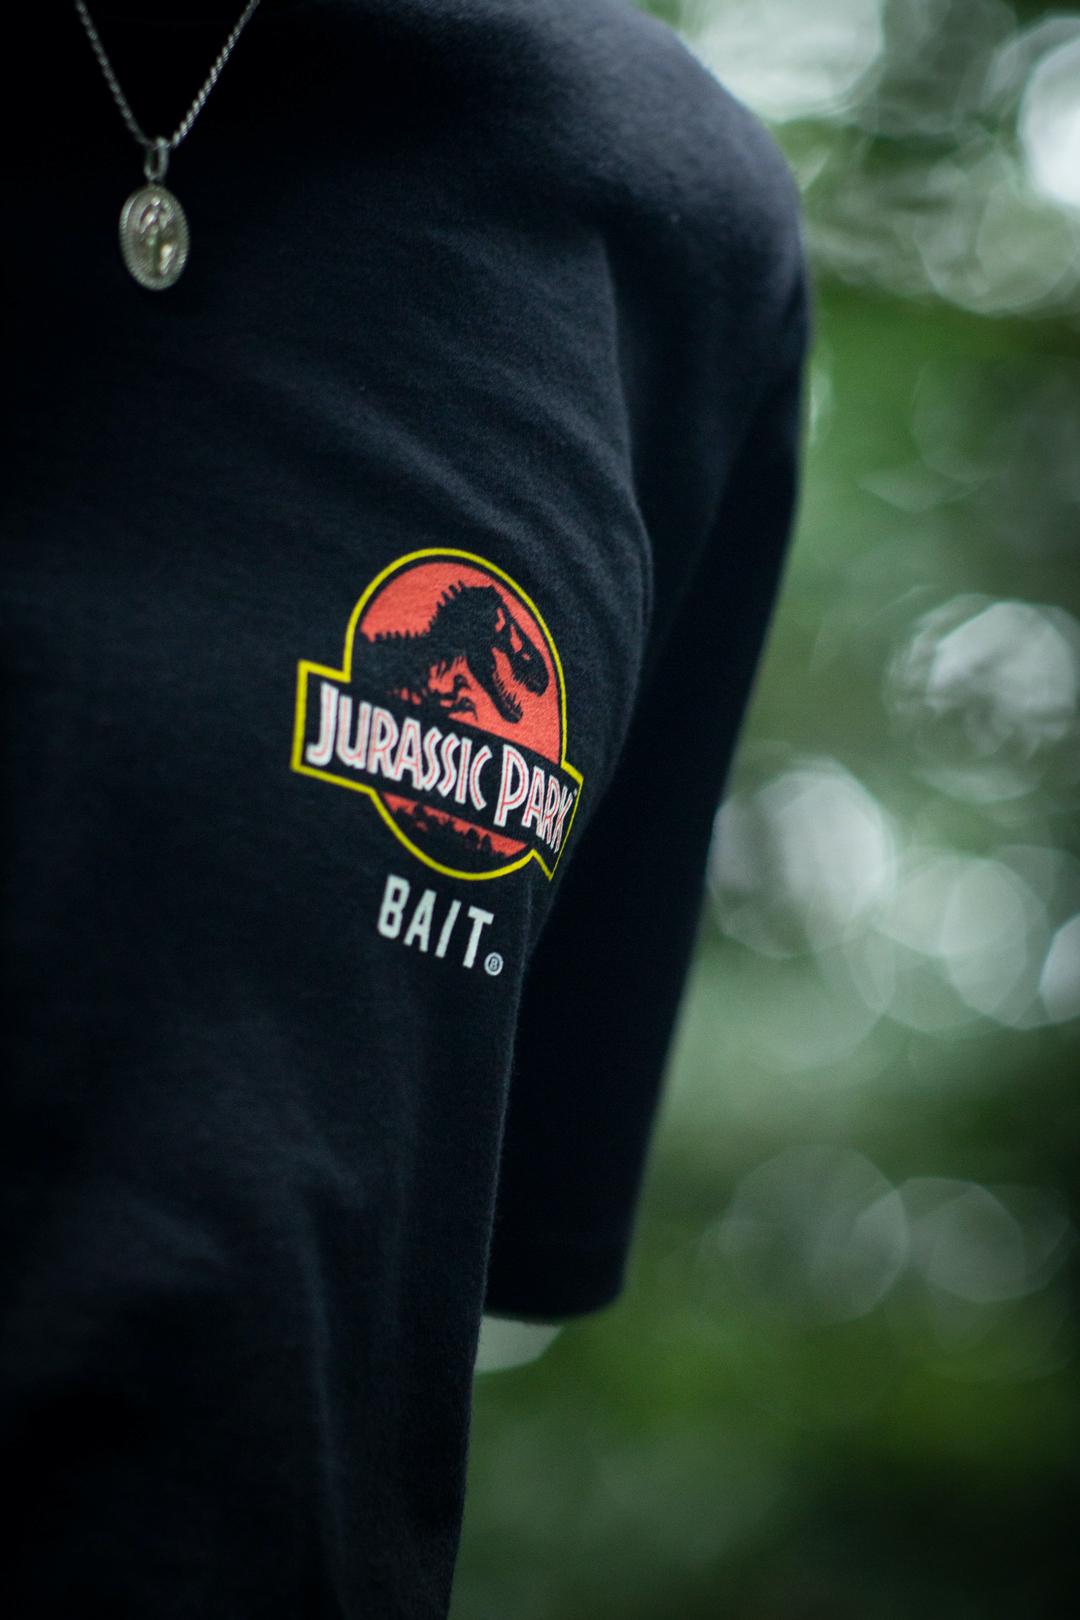 BAITと「JURASSIC PARK」コラボレーション